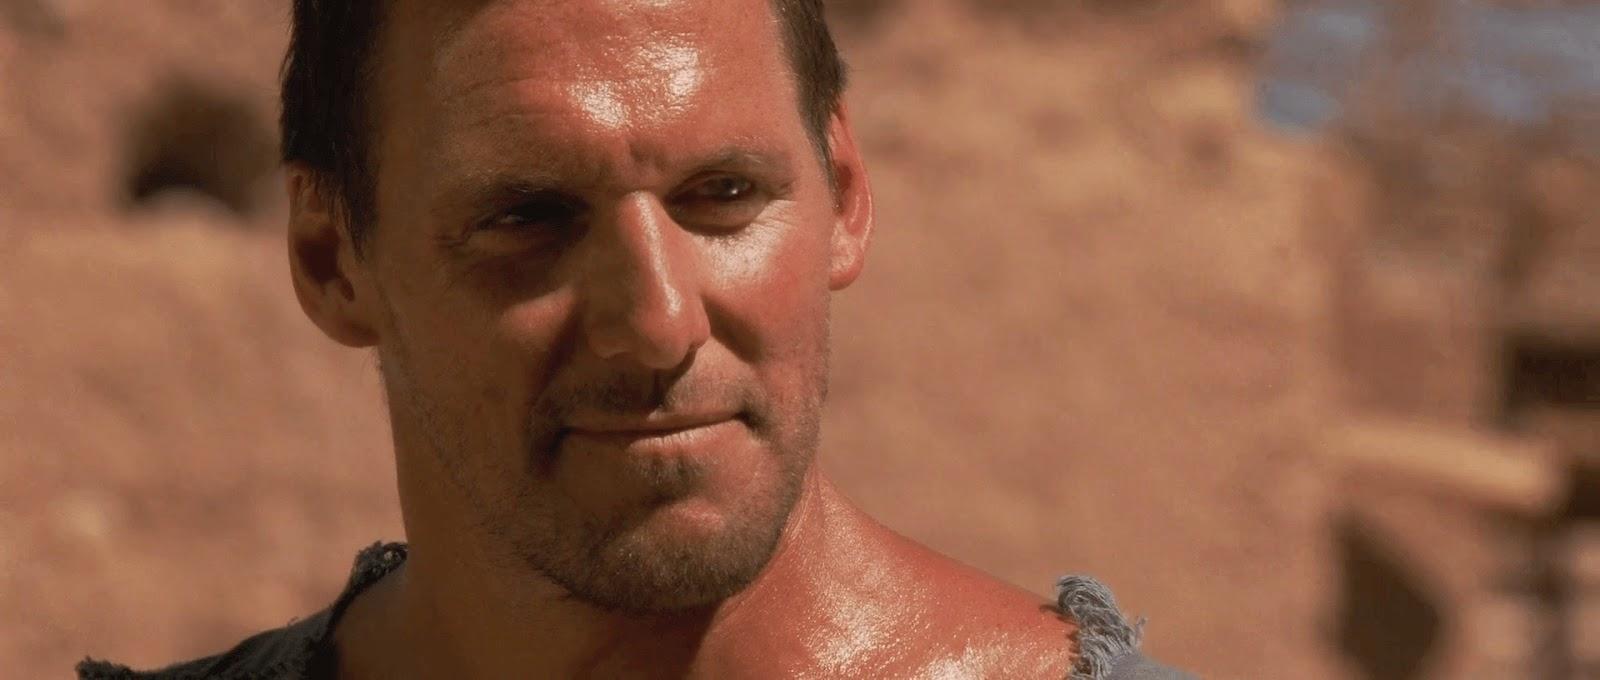 Gladiator (2000) S2 s Gladiator (2000)